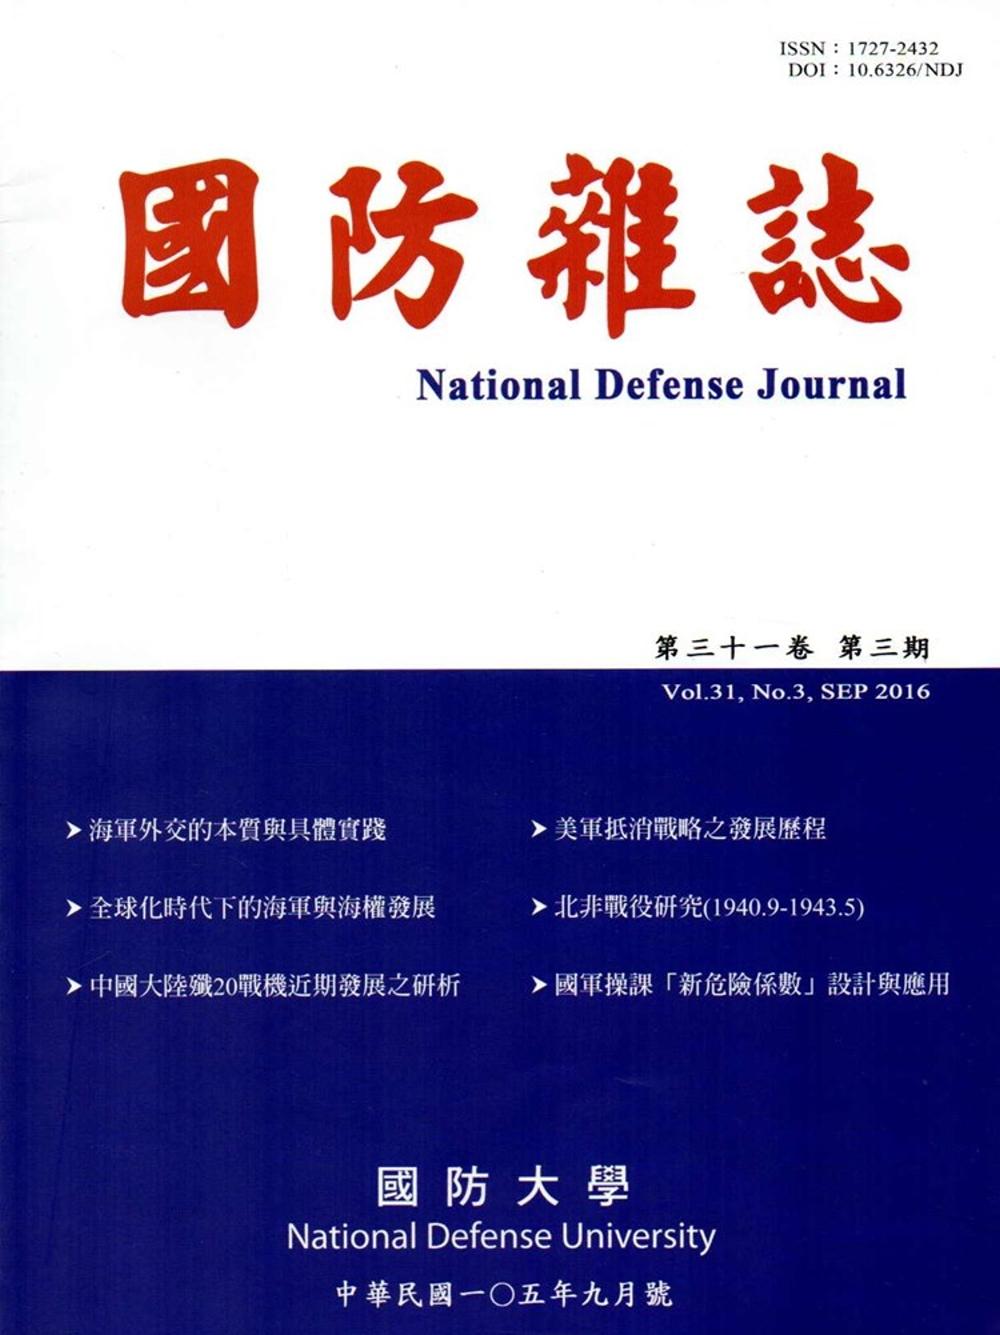 國防雜誌季刊第31卷第3期(2016.09)